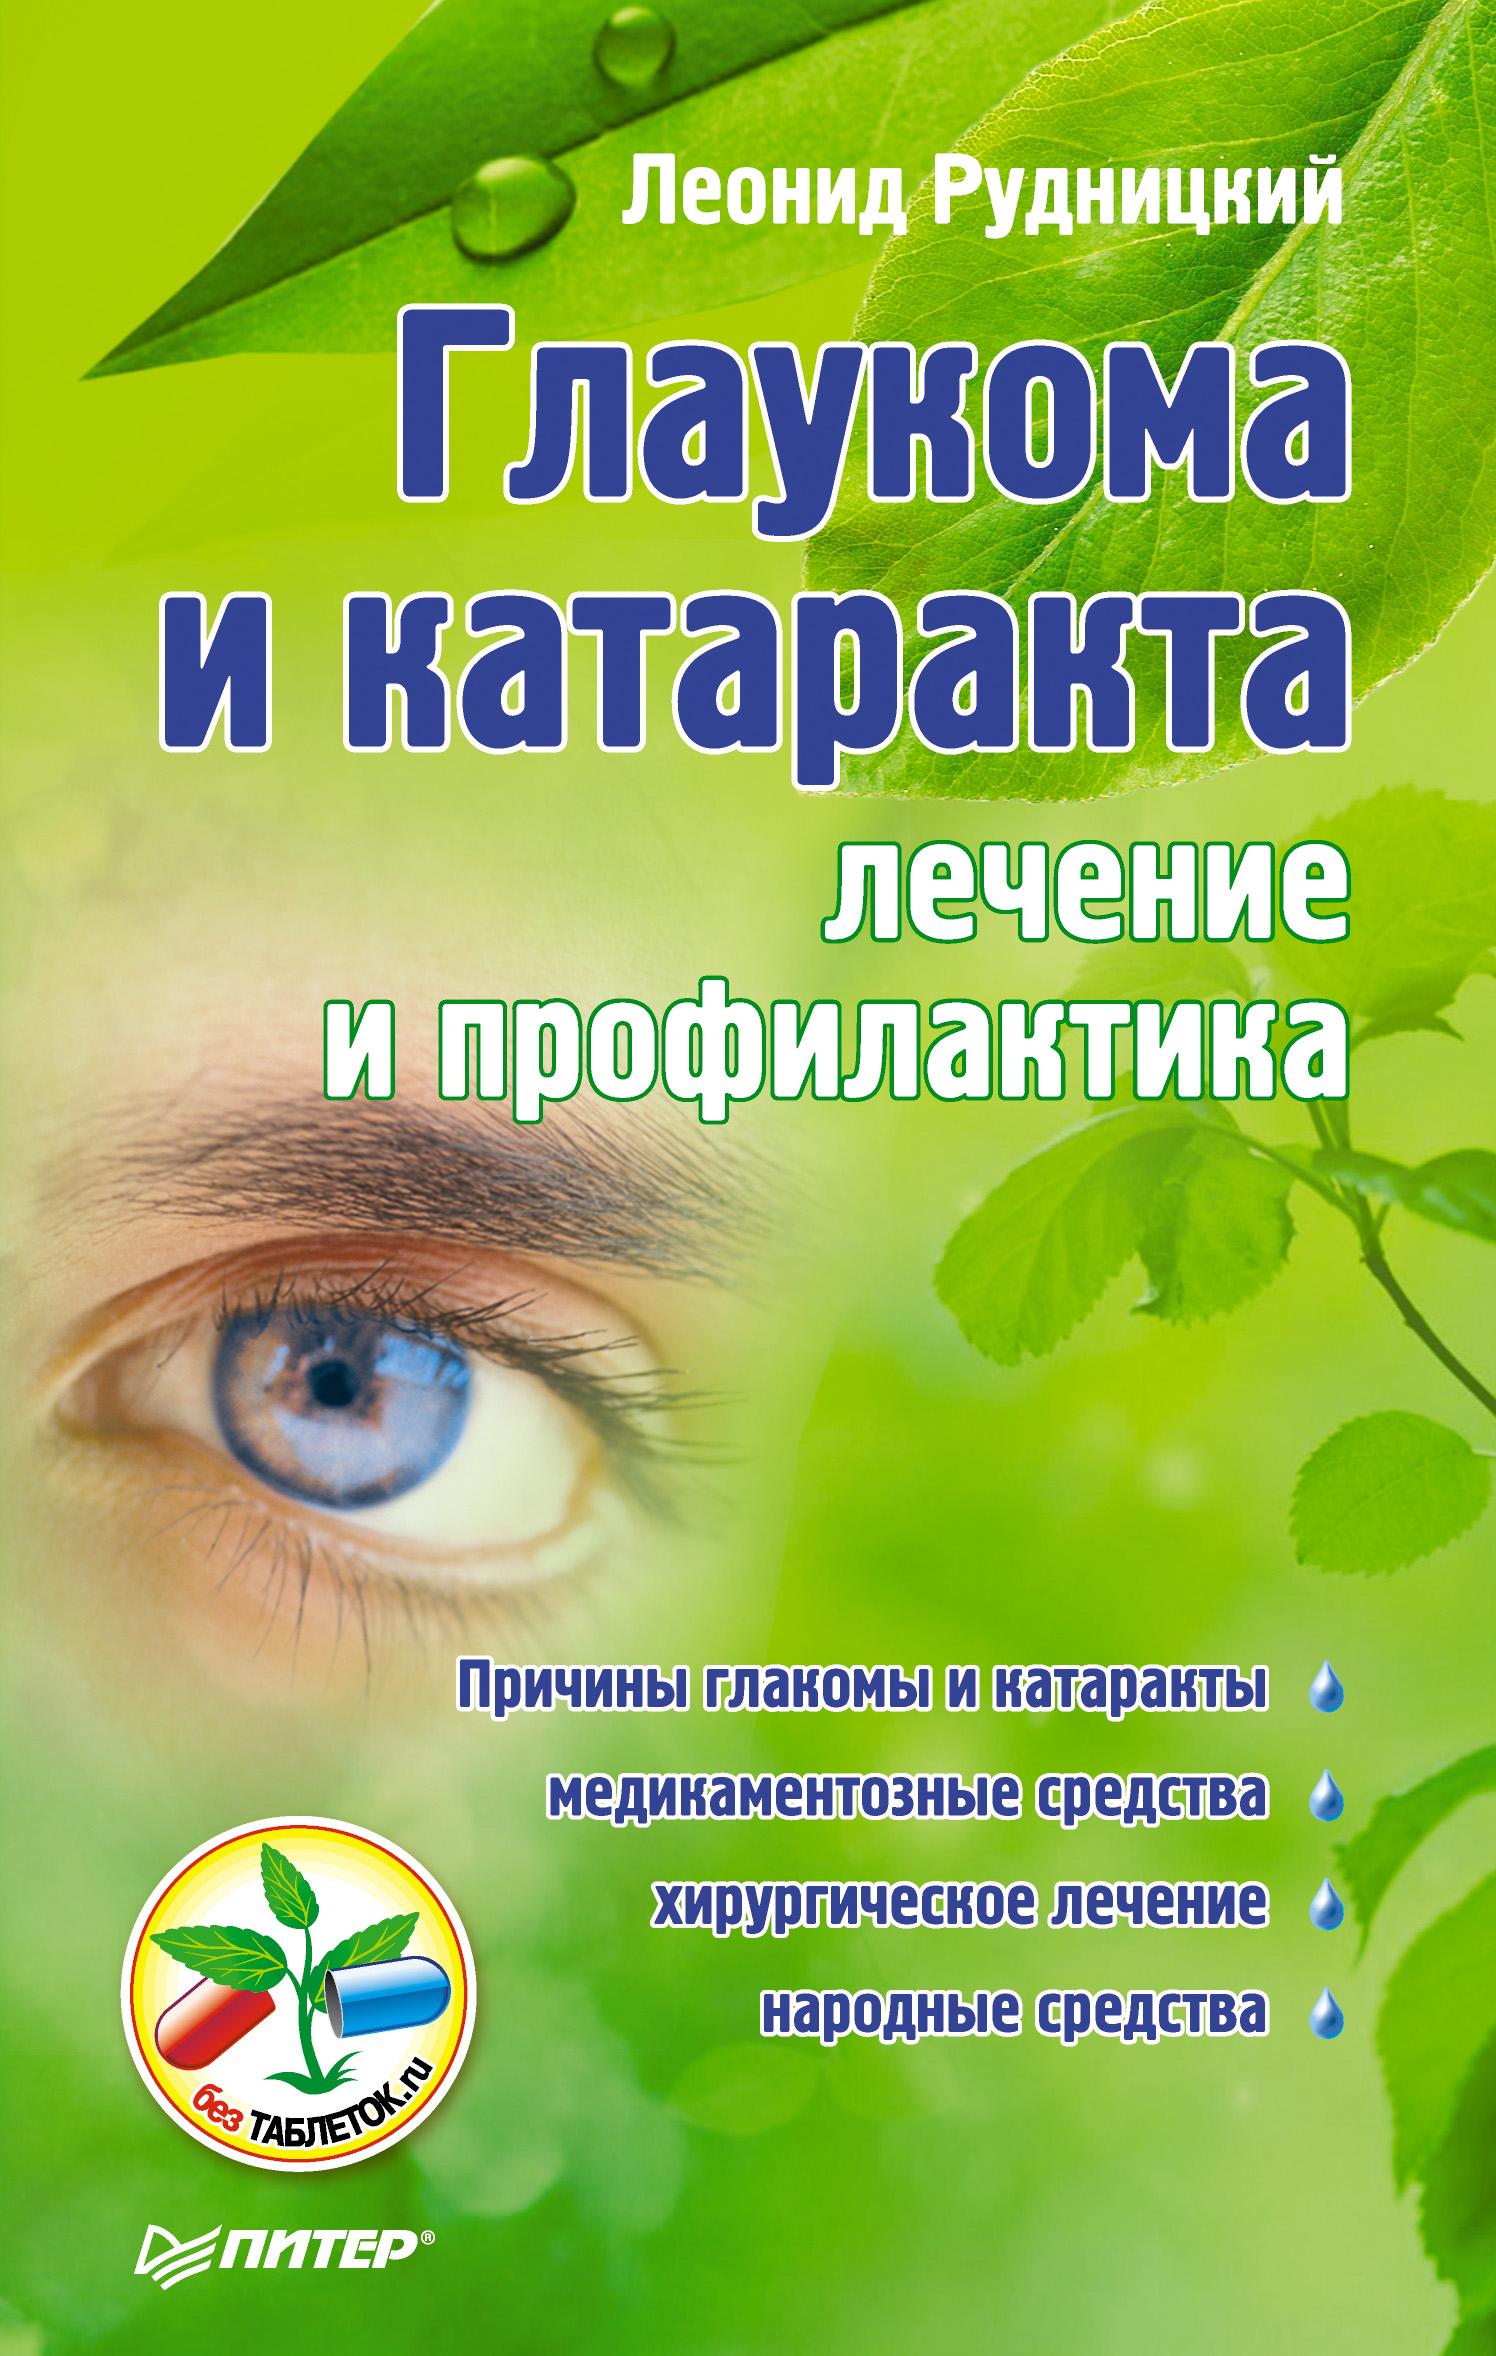 Что такое глаукома: виды, признаки и лечение болезни — net-bolezniam.ru